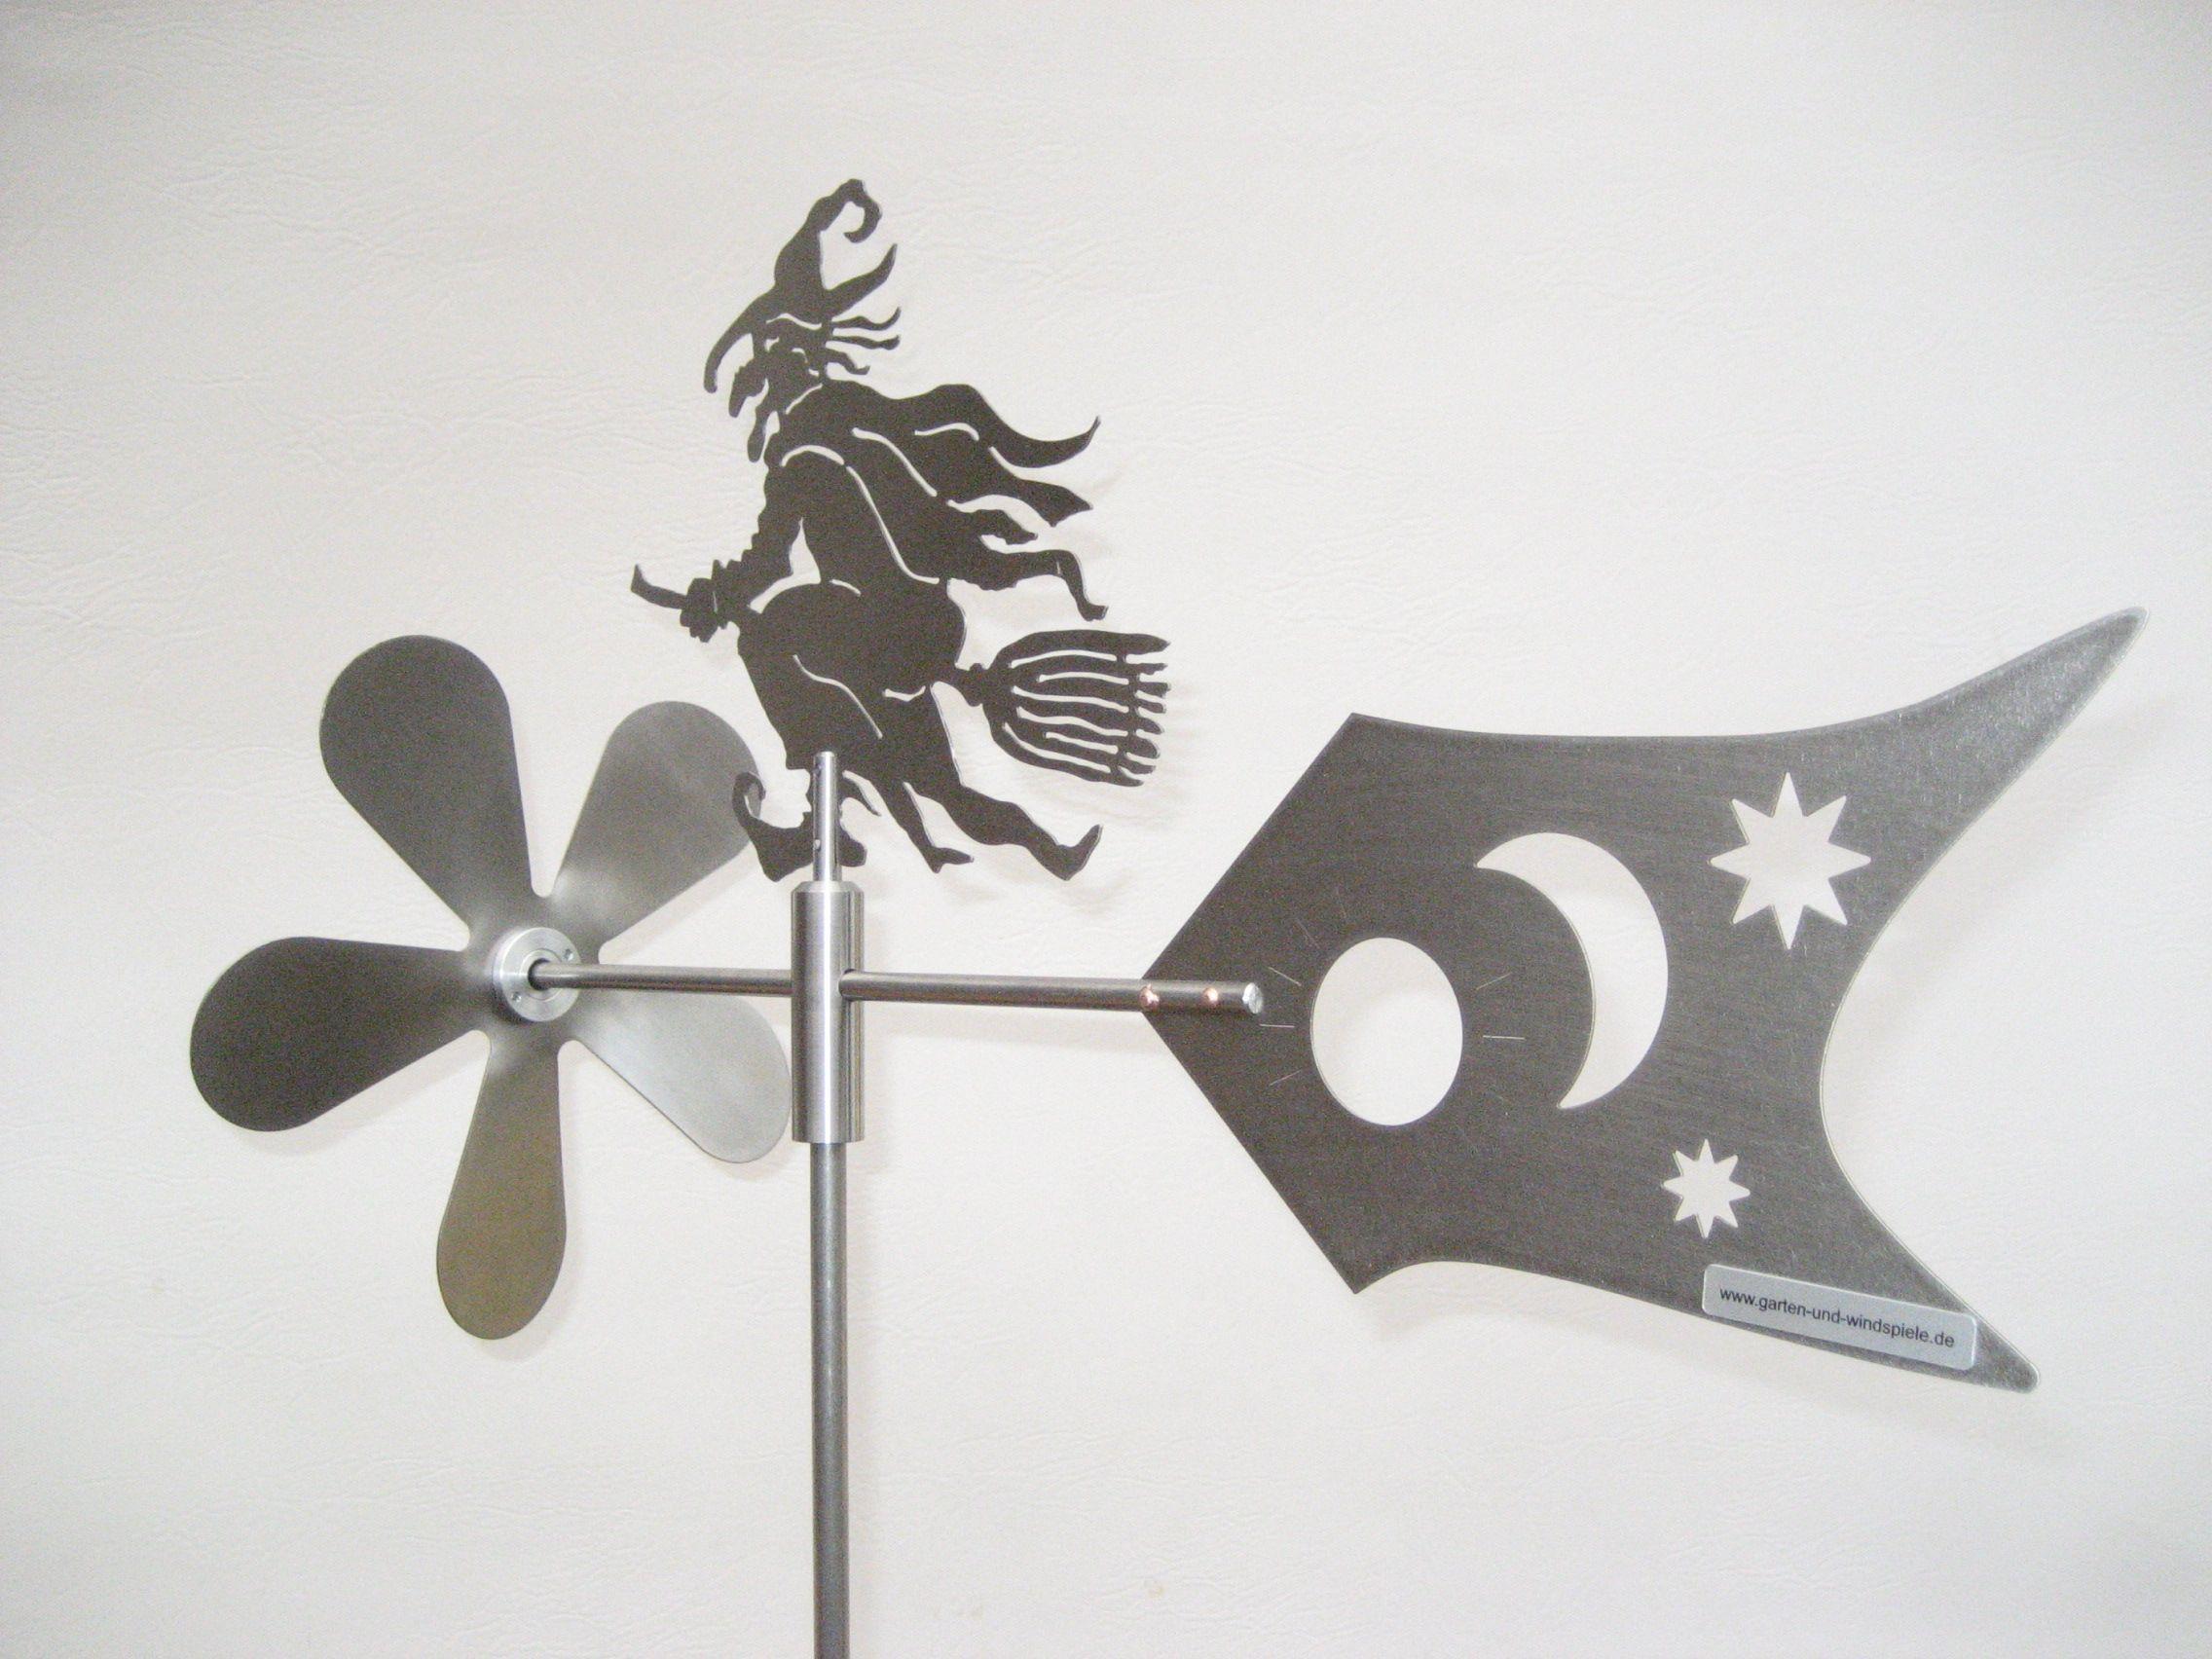 windspiele edelstahl pinterest windspiel edelstahl. Black Bedroom Furniture Sets. Home Design Ideas